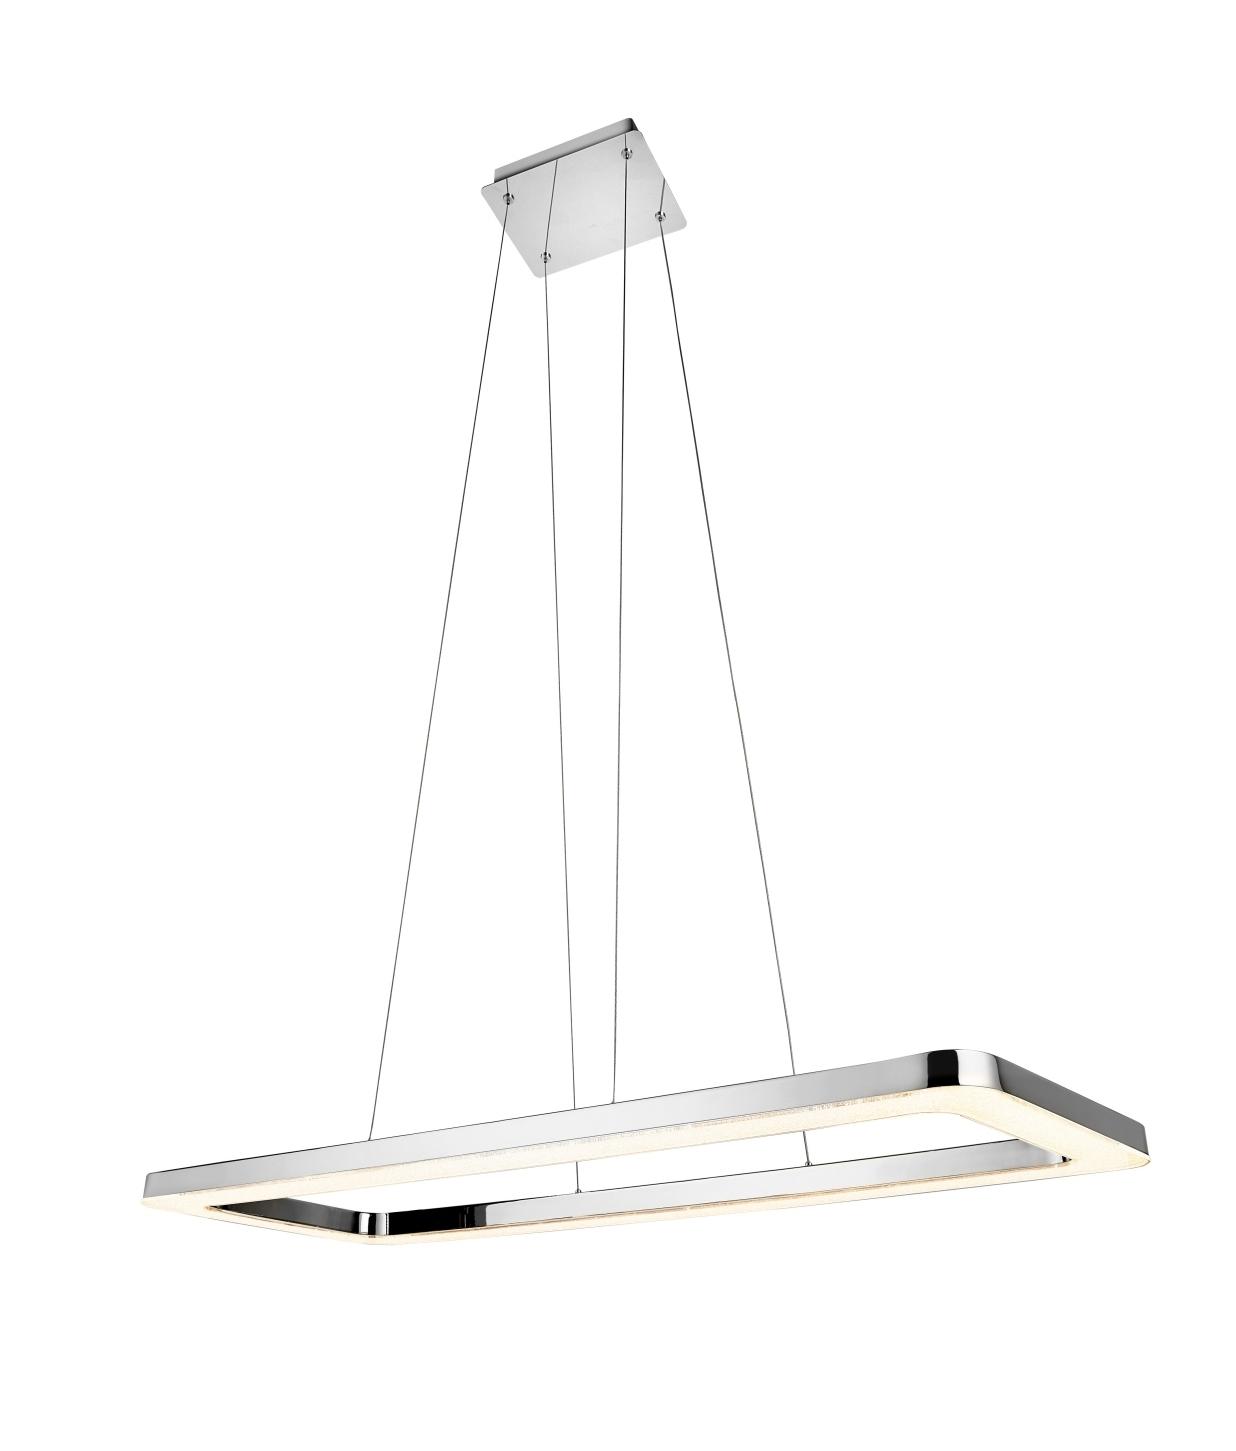 Polished Chrome Oblong Suspension Light